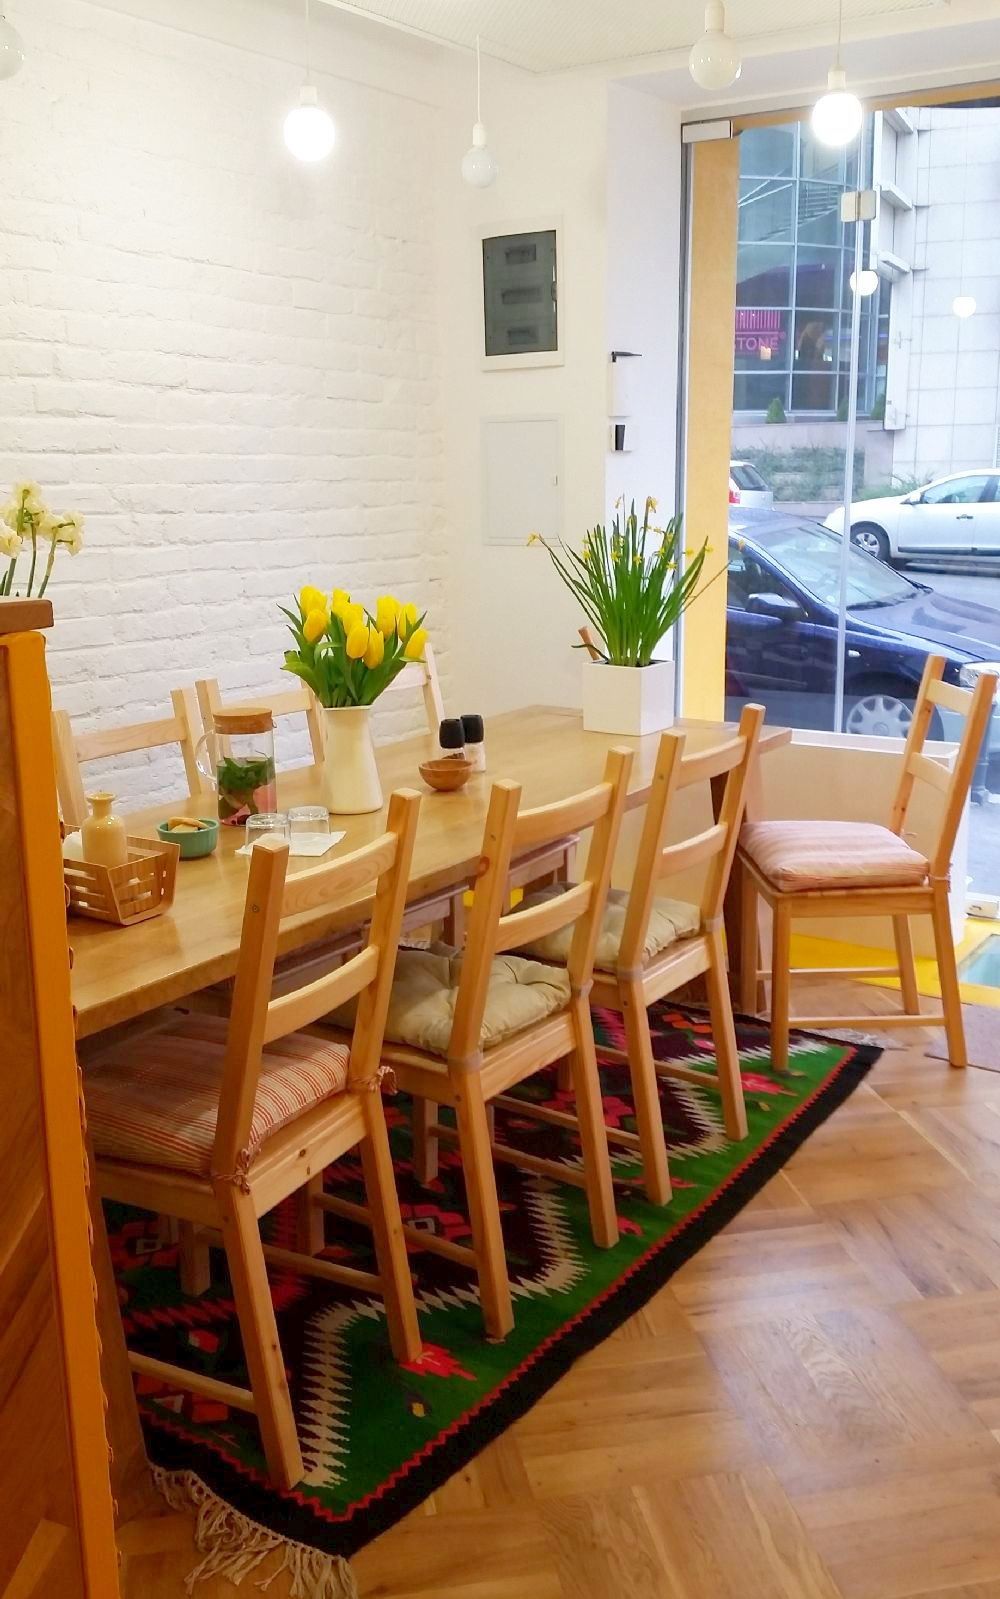 adelaparvu.com despre cafeneaua Arome, Bucuresti, design interior Silvia Diaconu, Bogdan Gogoci (15)